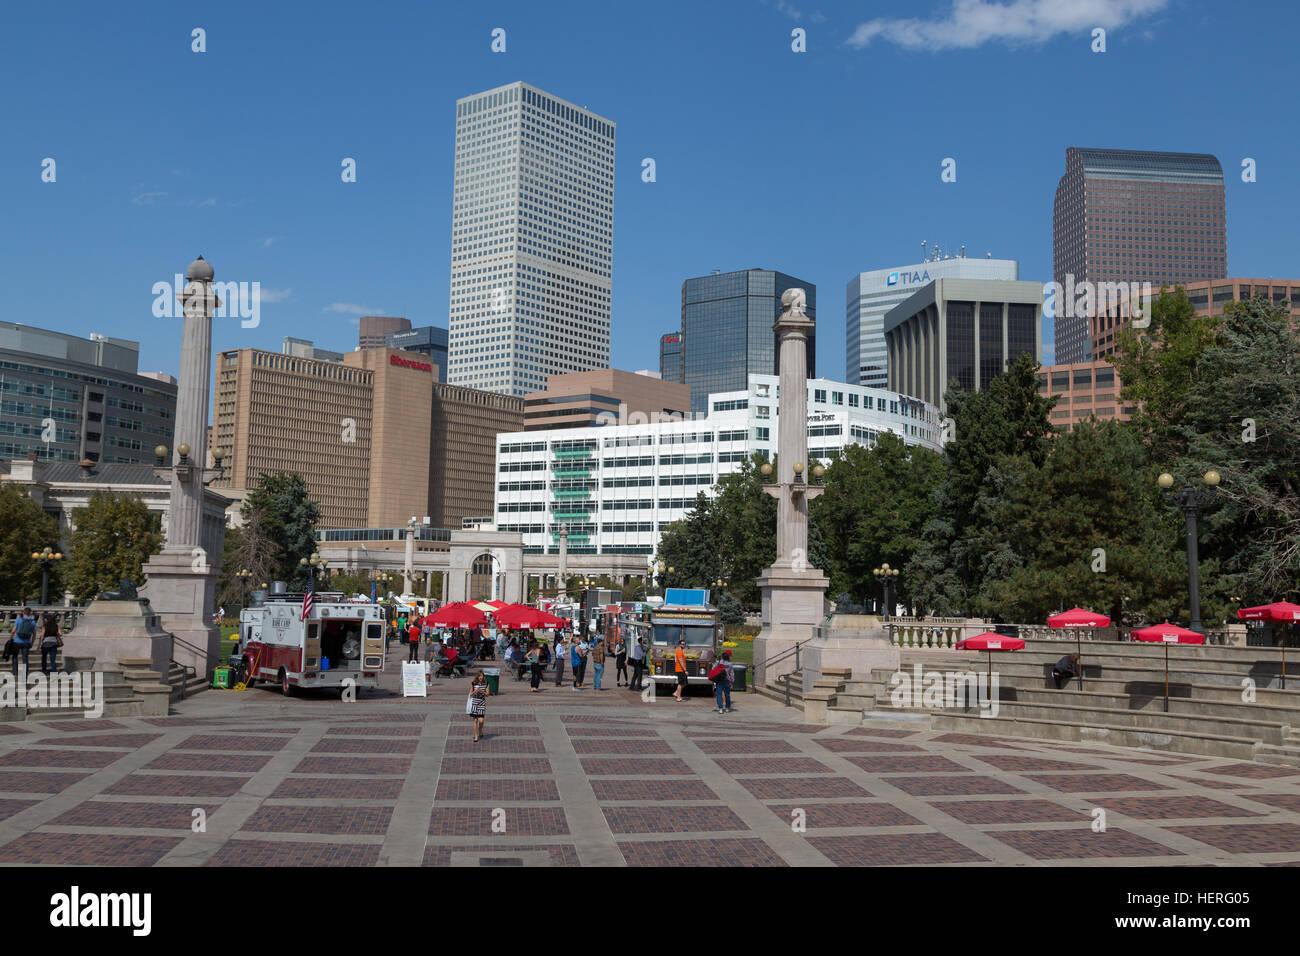 Skyline, Downtown Denver, Denver, Colorado, USA - Stock Image